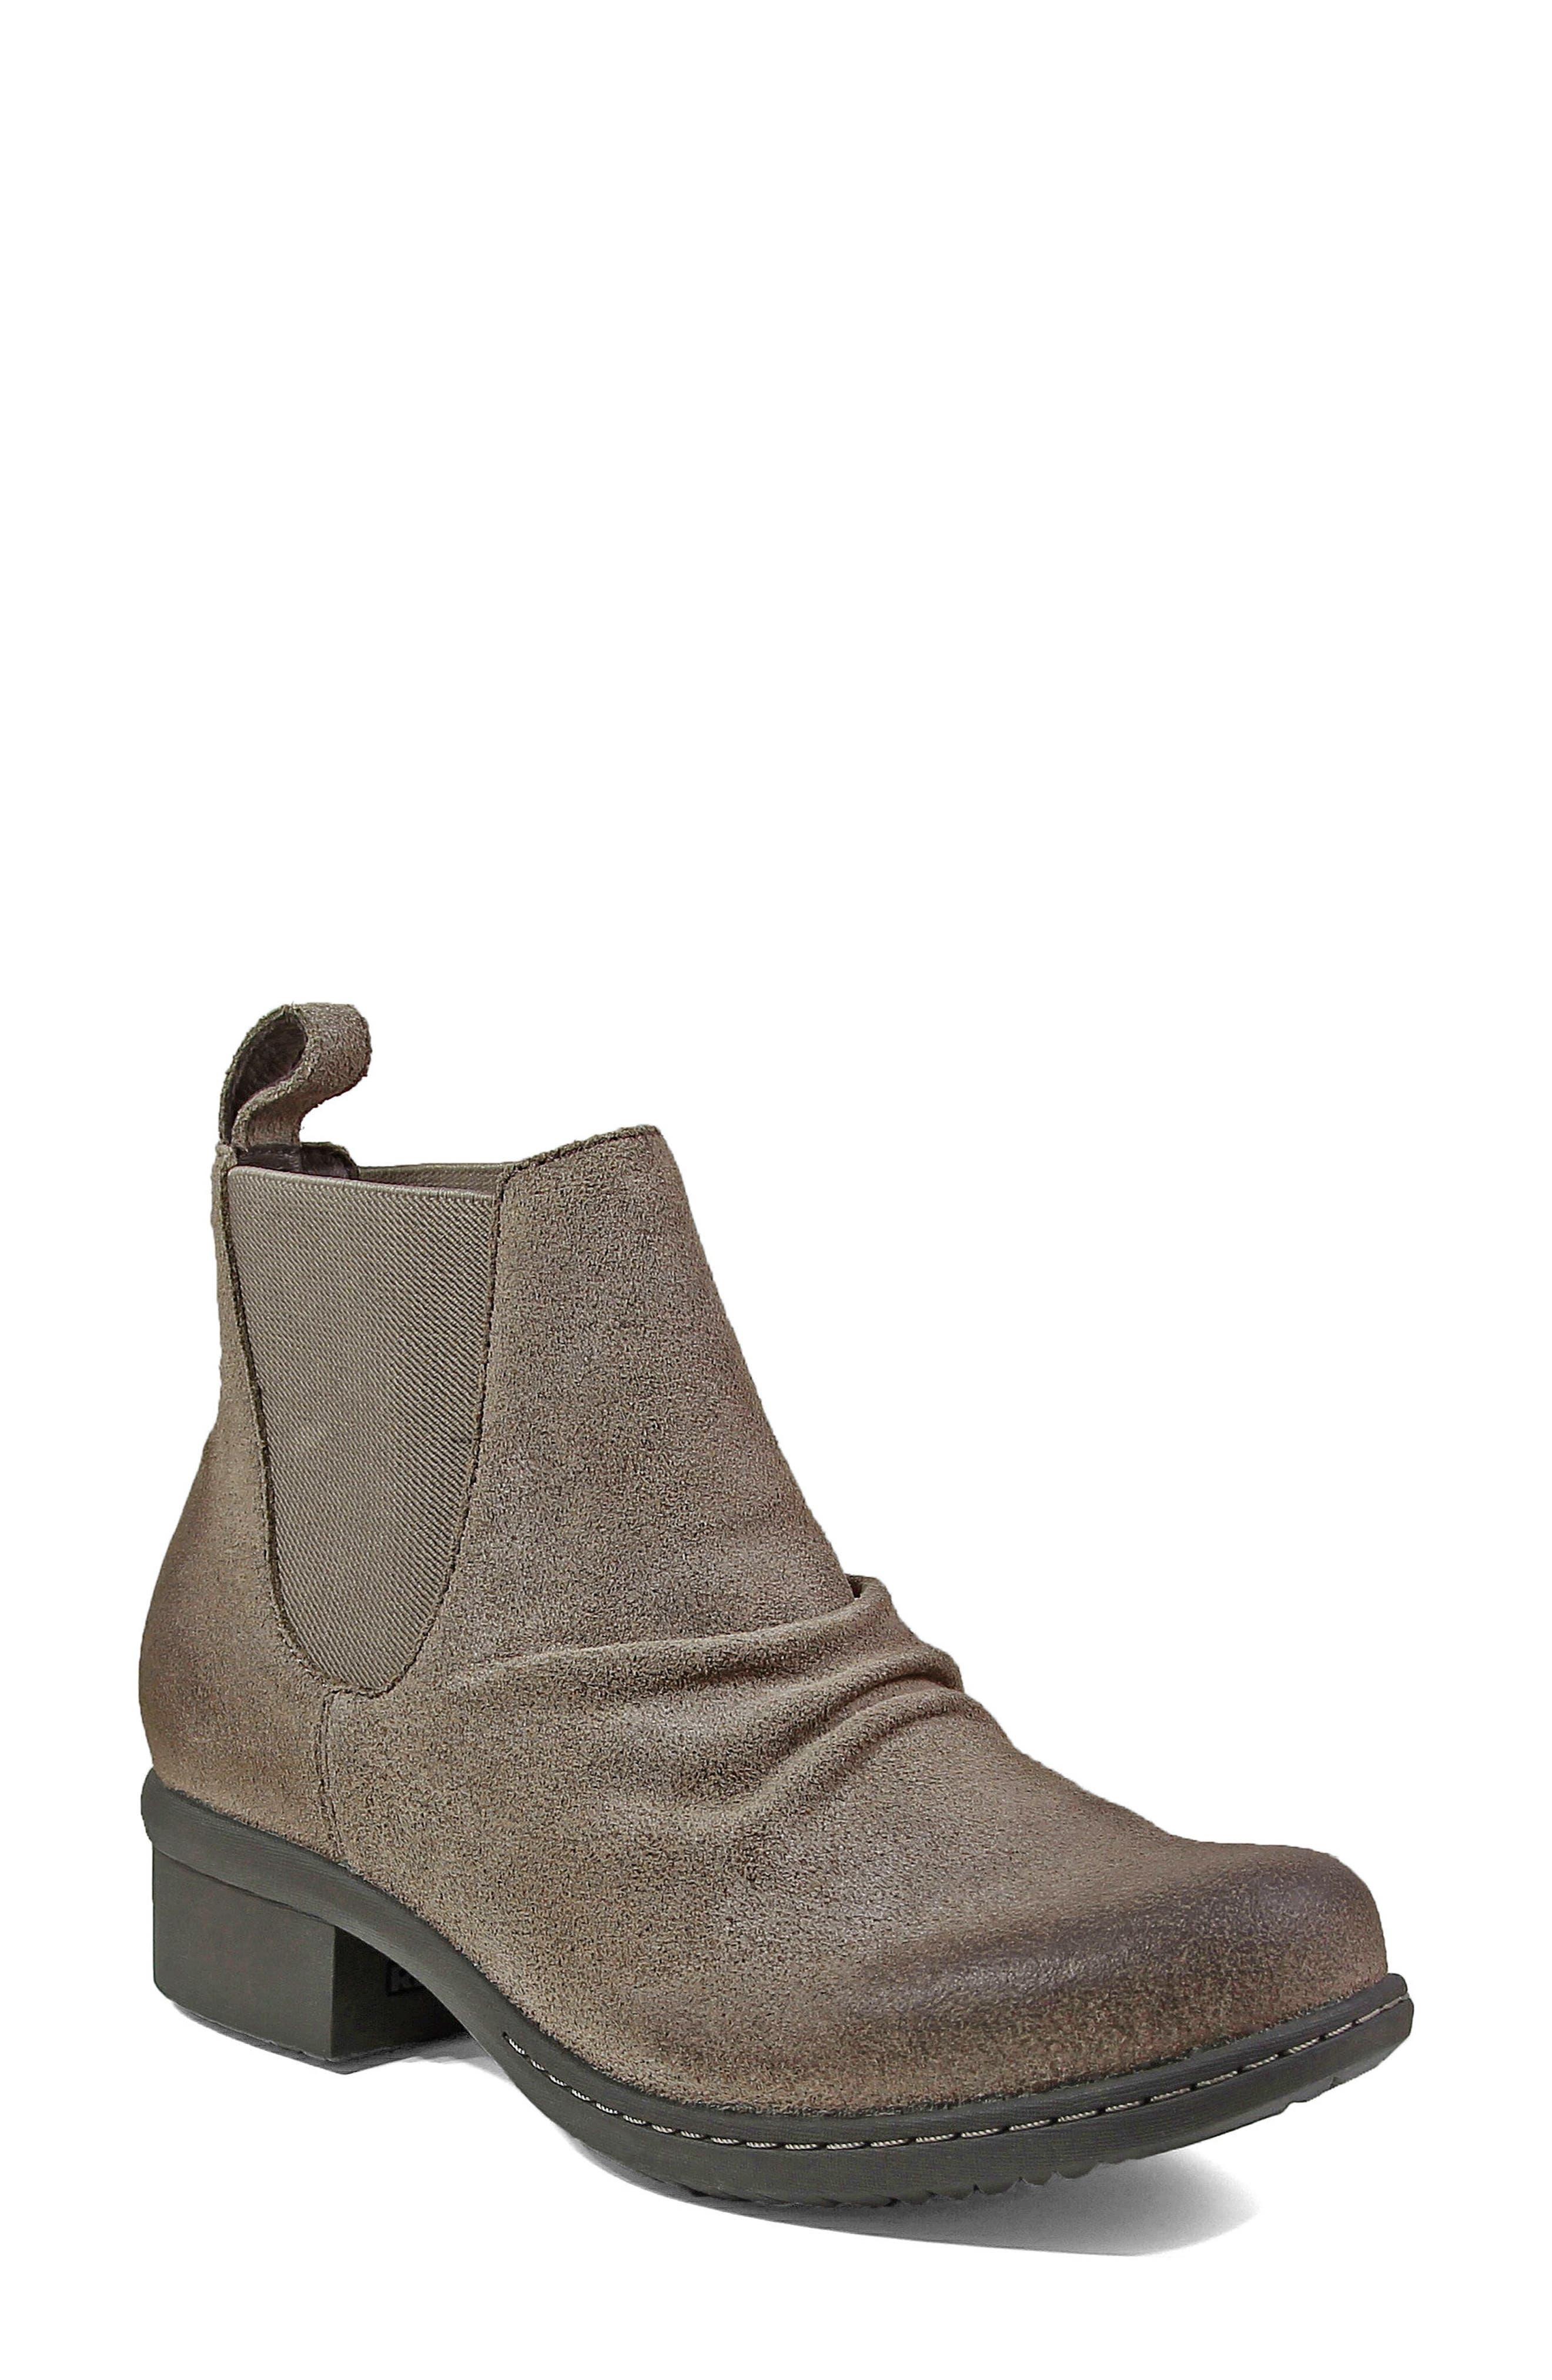 Bogs Auburn Waterproof Chelsea Boot (Women)